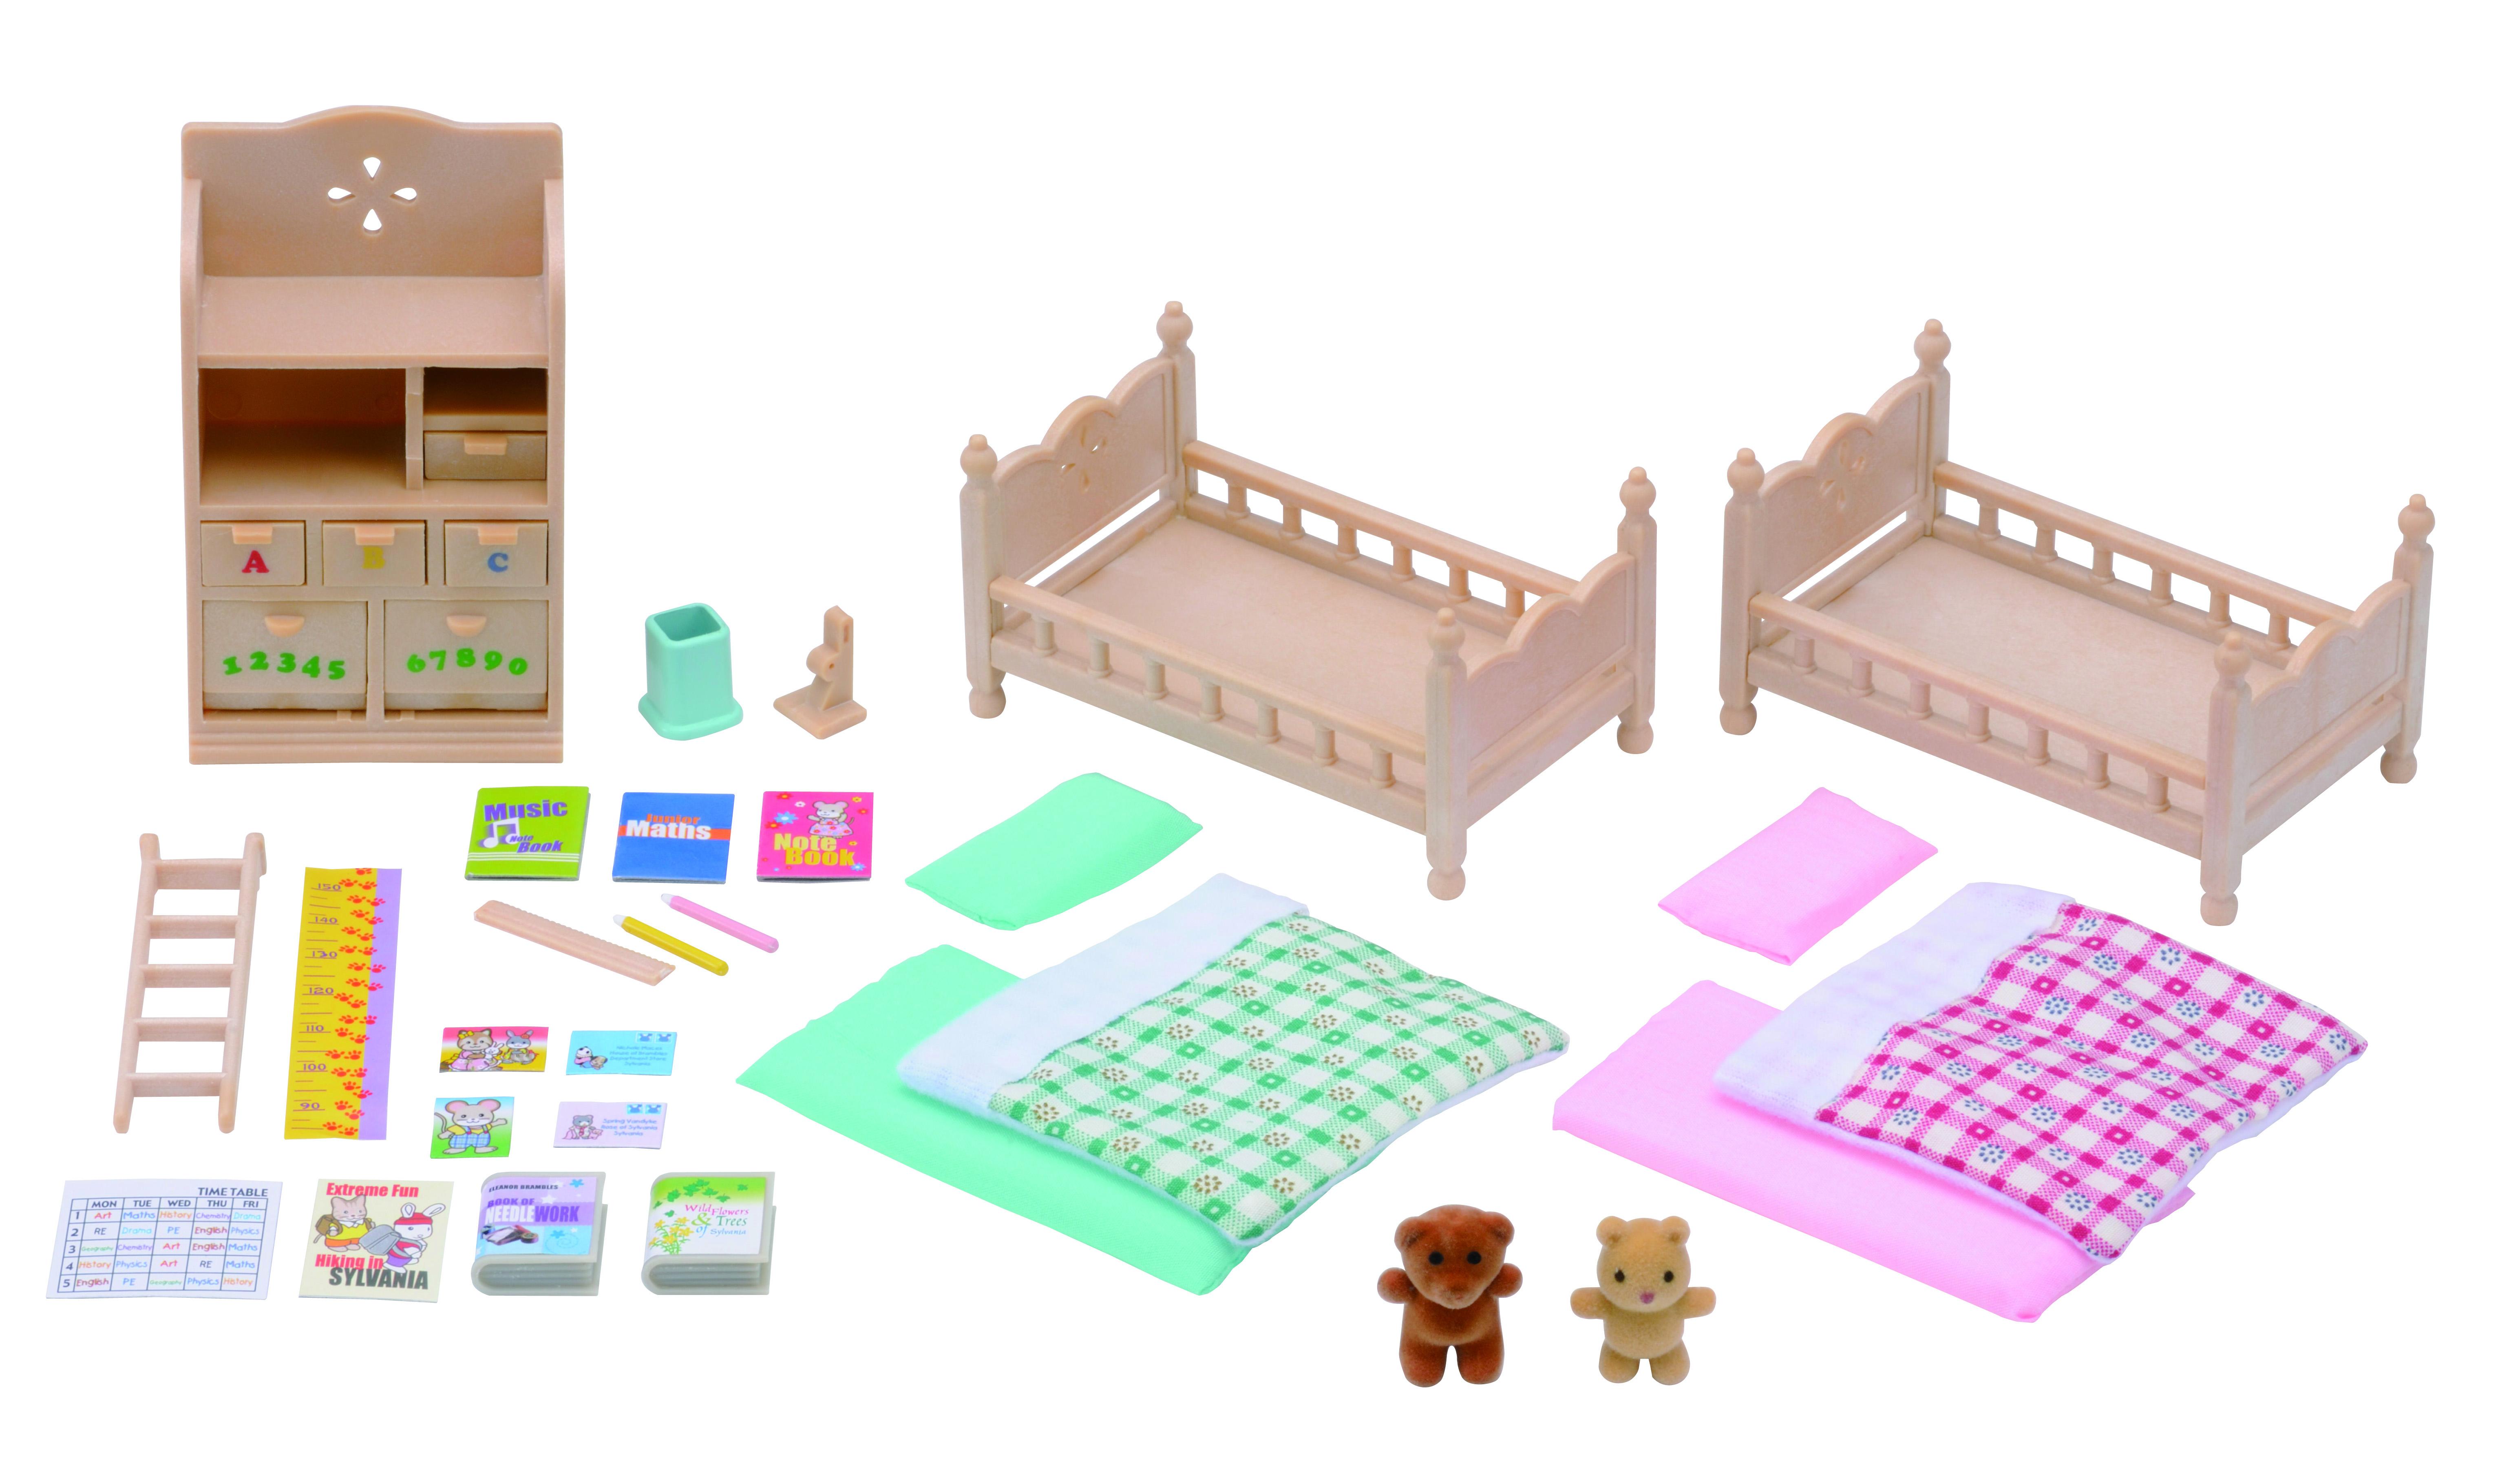 Игровой набор SYLVANIAN FAMILIES Детская комната игровой набор детская комната sylvanian families